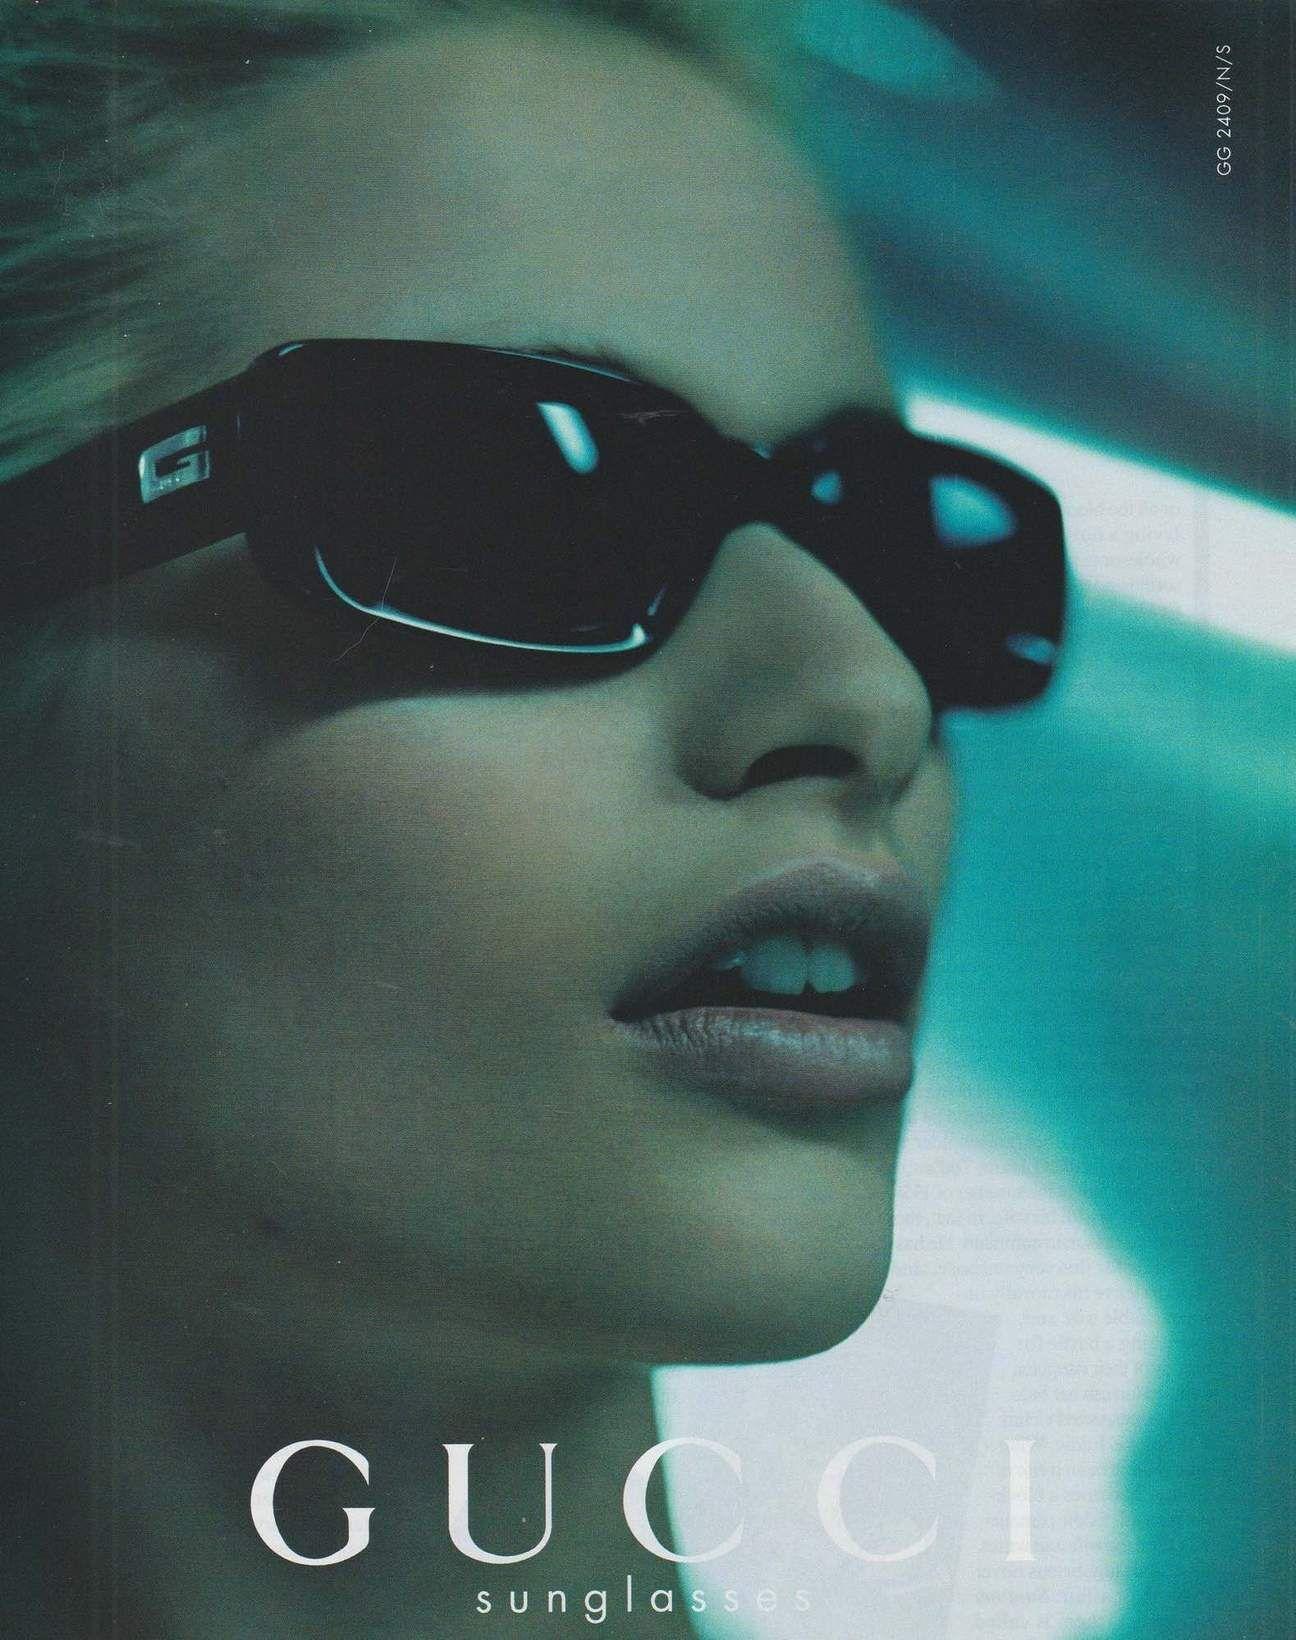 Gucci Iconic 90s Sunglasses Gucci Sunglasses 90s Sunglasses Sunglasses